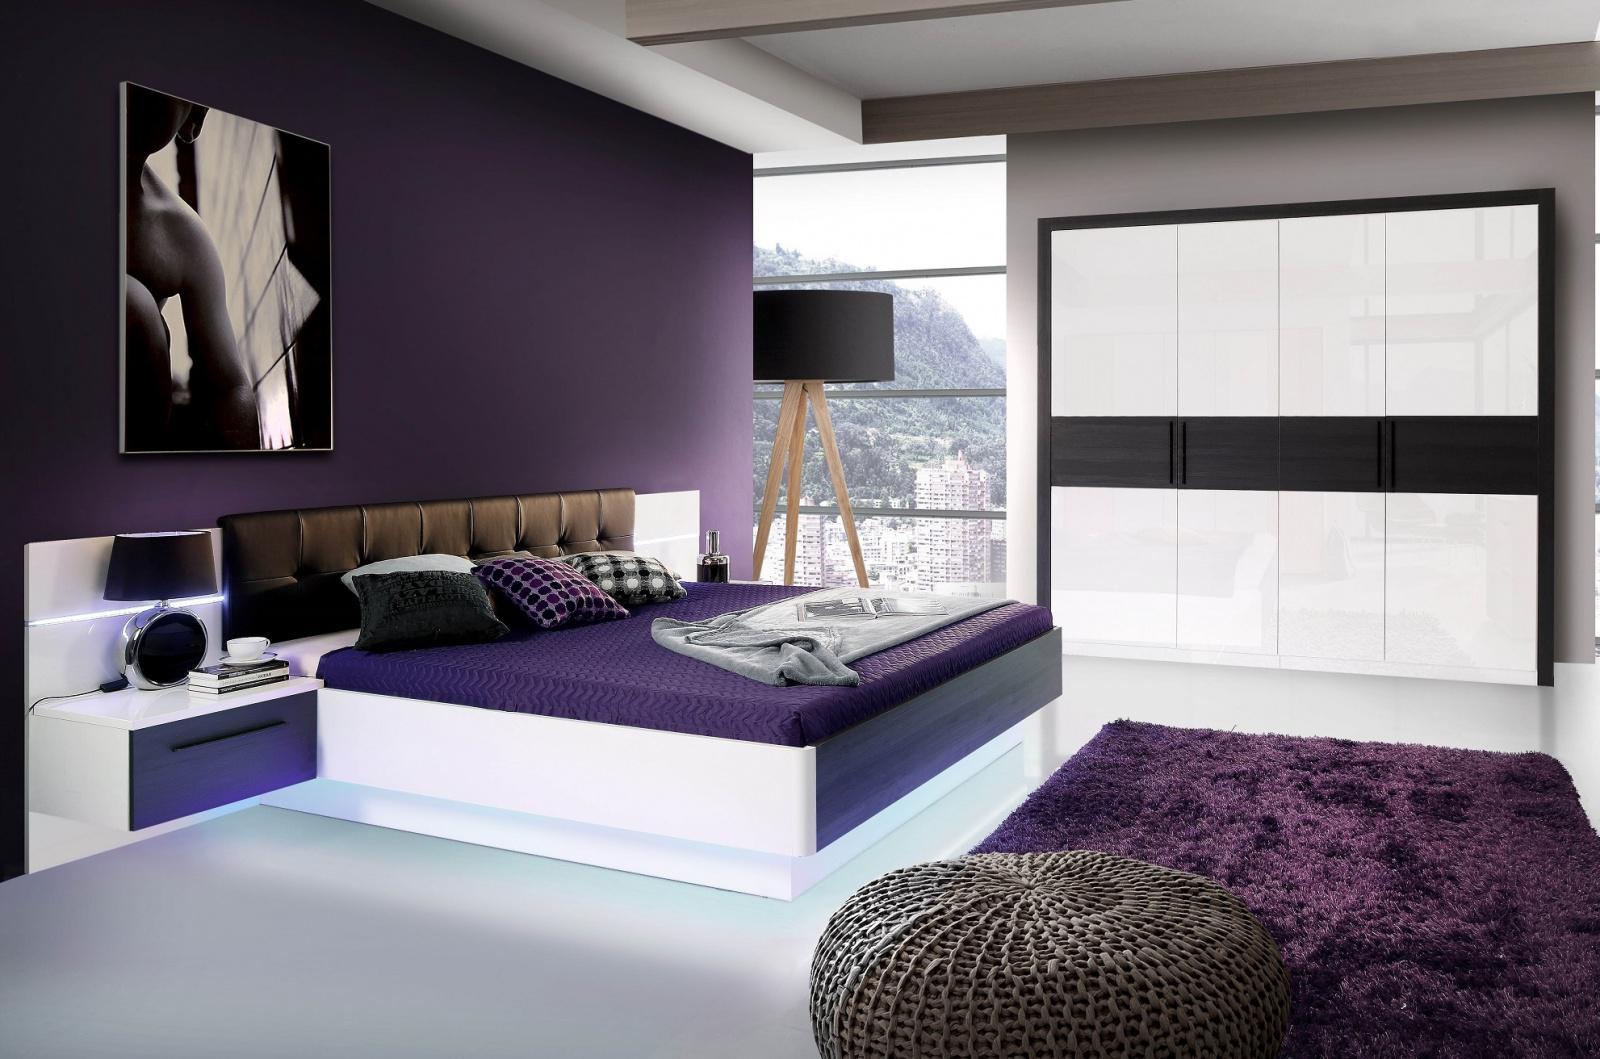 schlafzimmer sets günstig – abomaheber